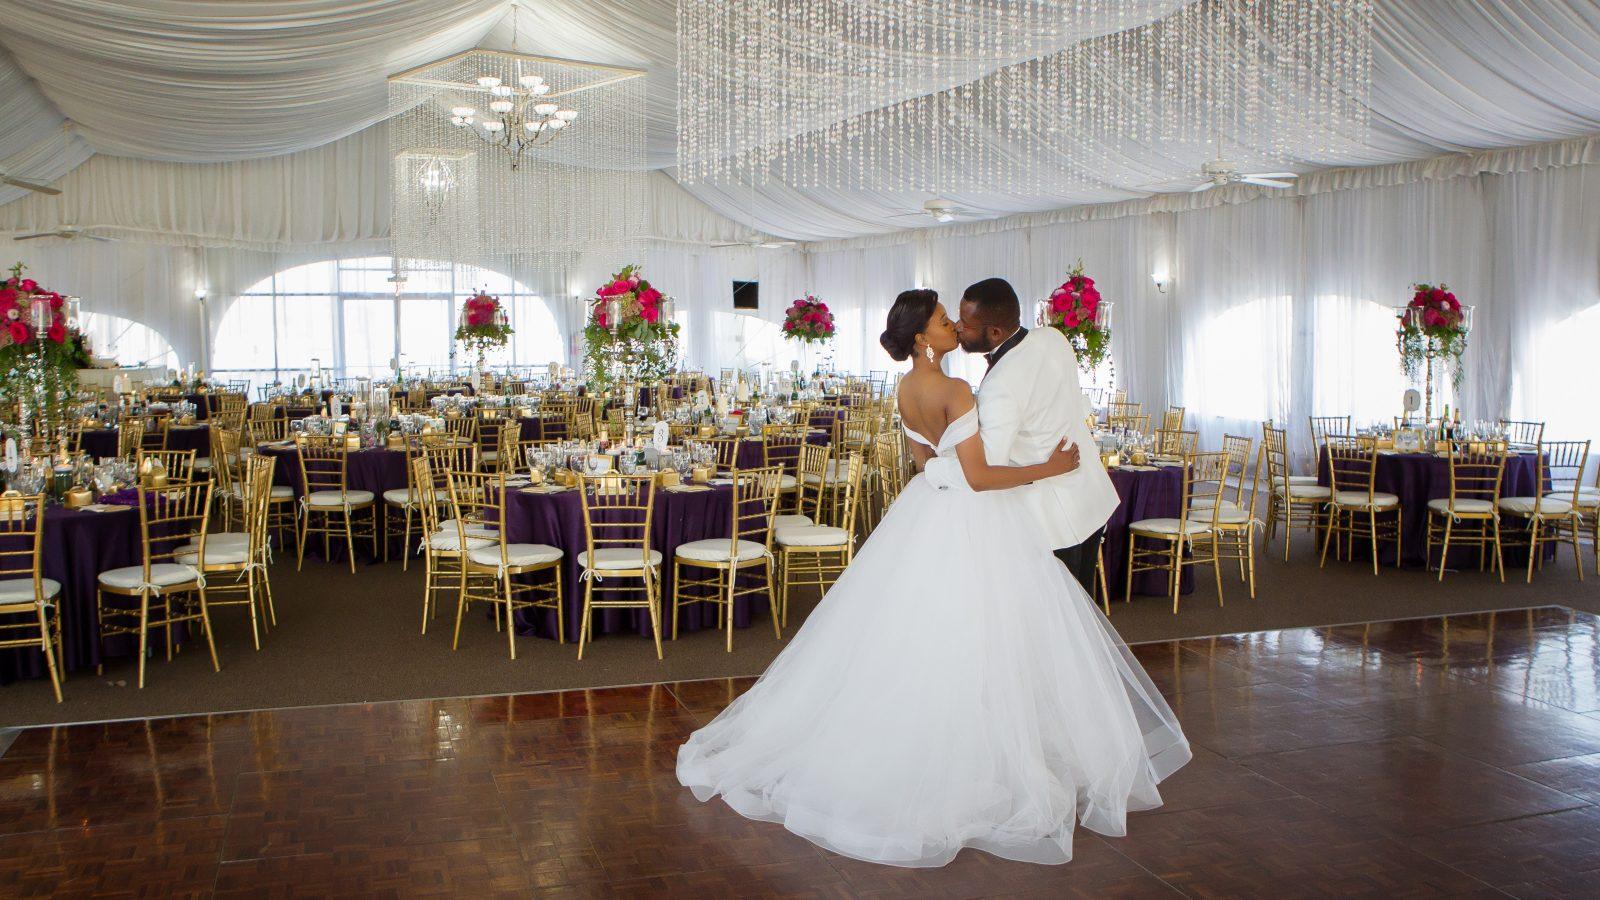 Wedding venues in El Paso, TX